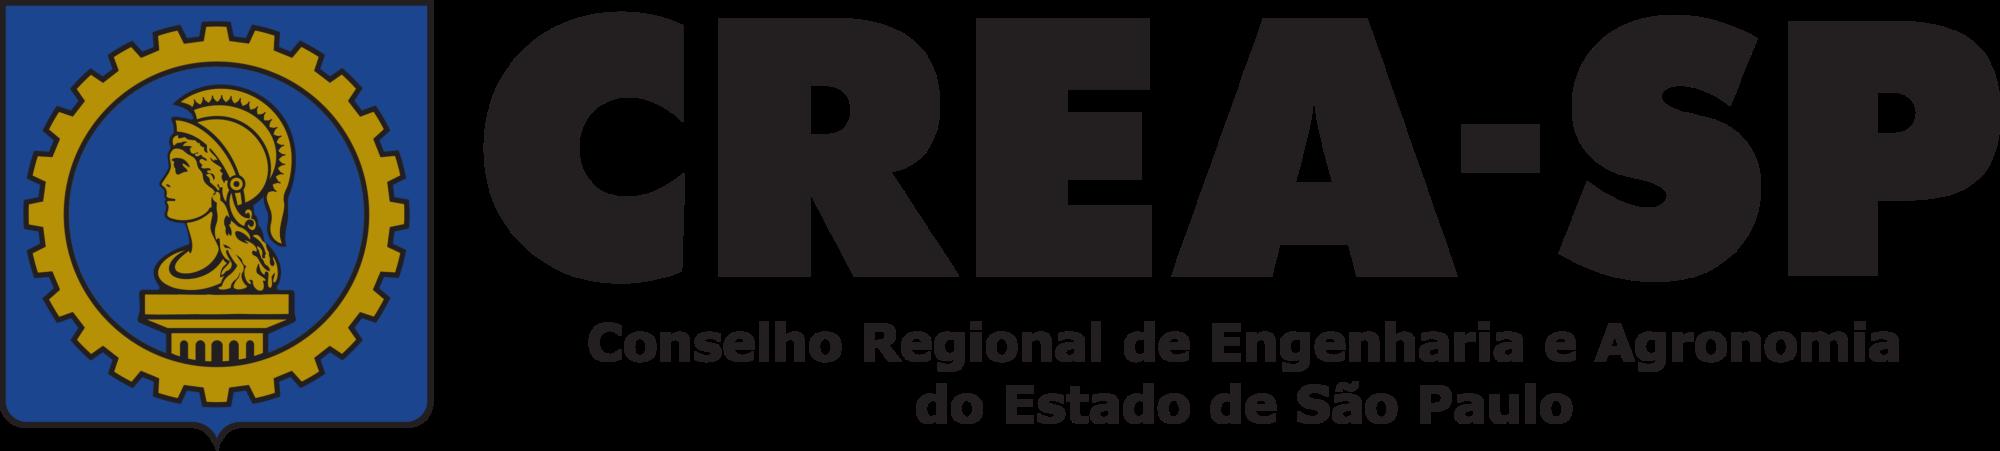 crea-sp-logo-transparente